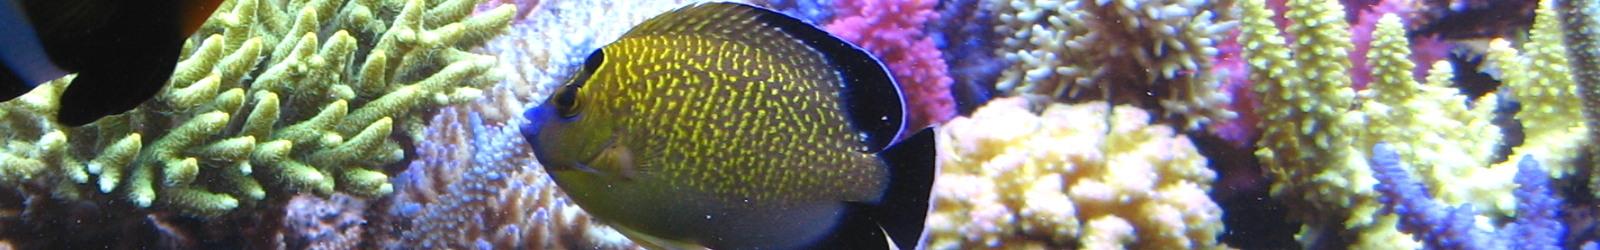 Alimento salud cuidado para peces korallen for Cuidado de peces